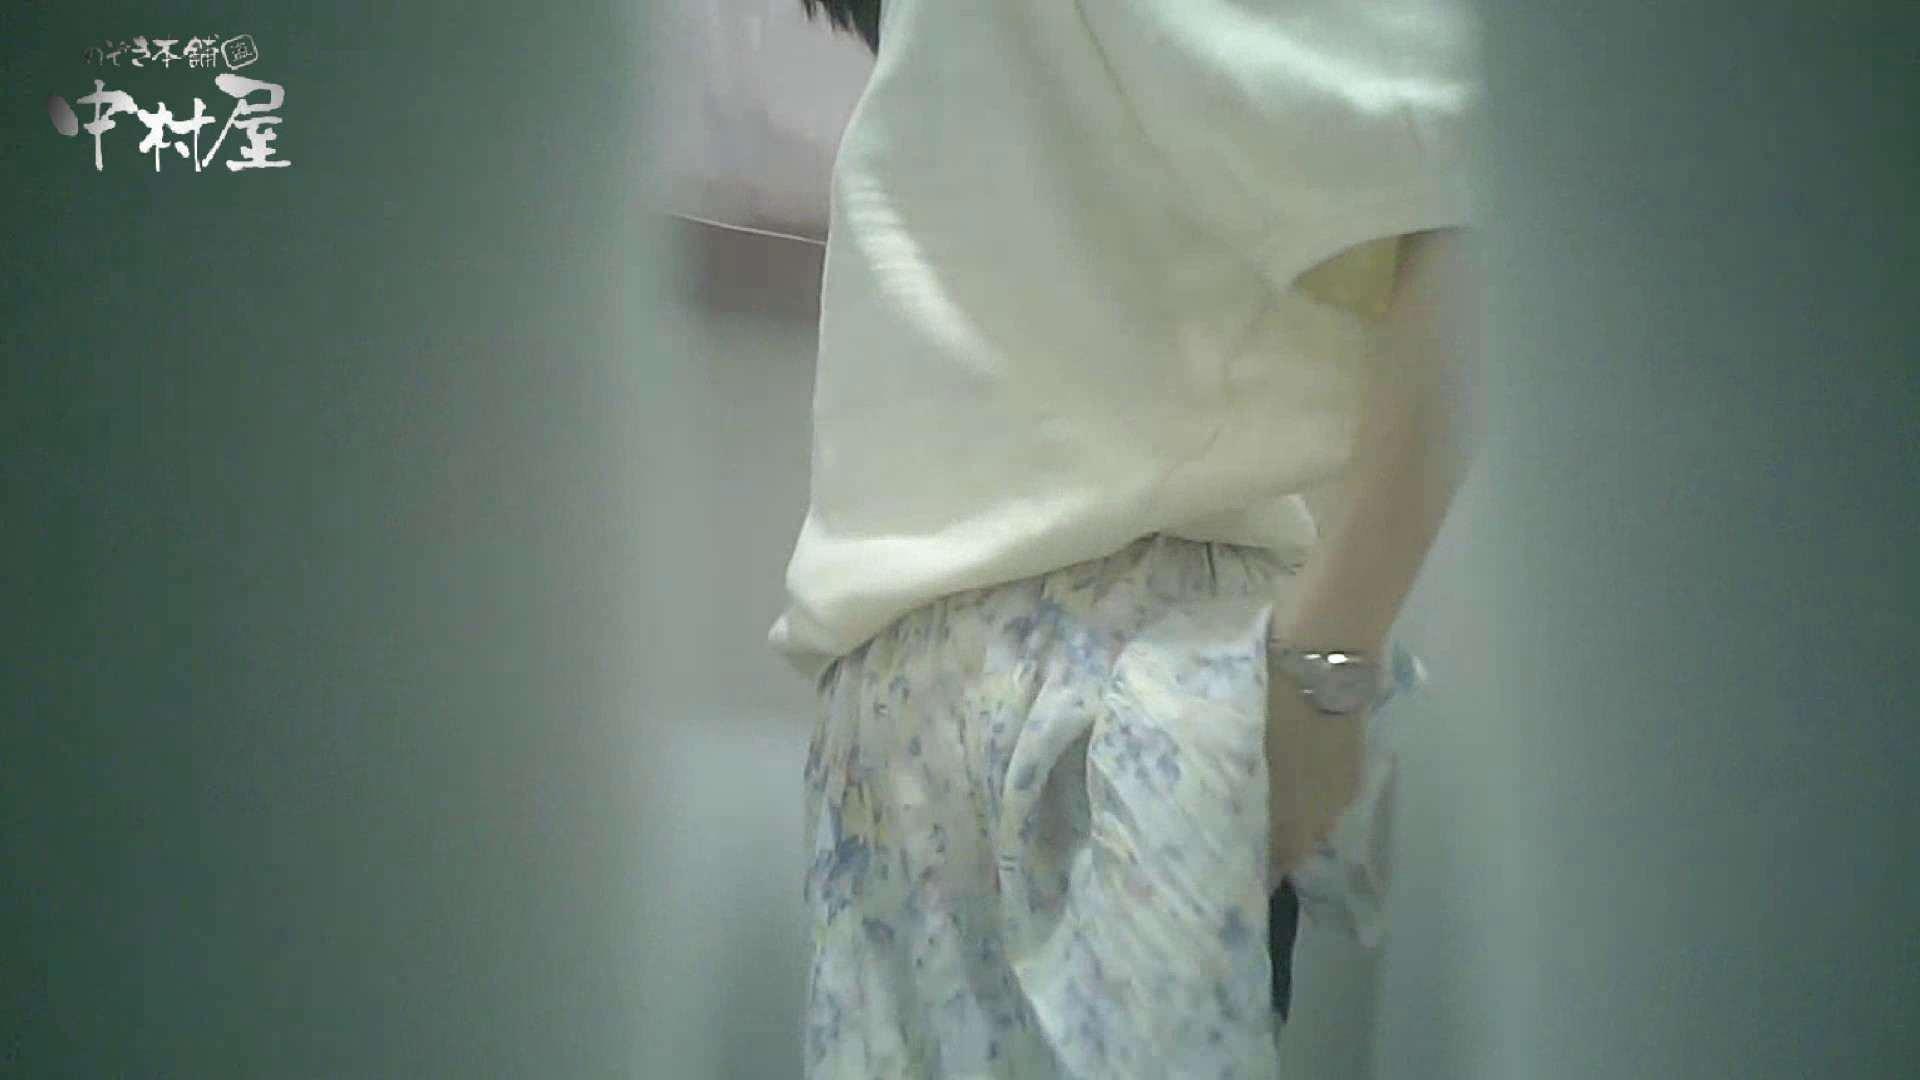 【某有名大学女性洗面所】有名大学女性洗面所 vol.40 ??おまじない的な動きをする子がいます。 潜入突撃 おまんこ無修正動画無料 91pic 57